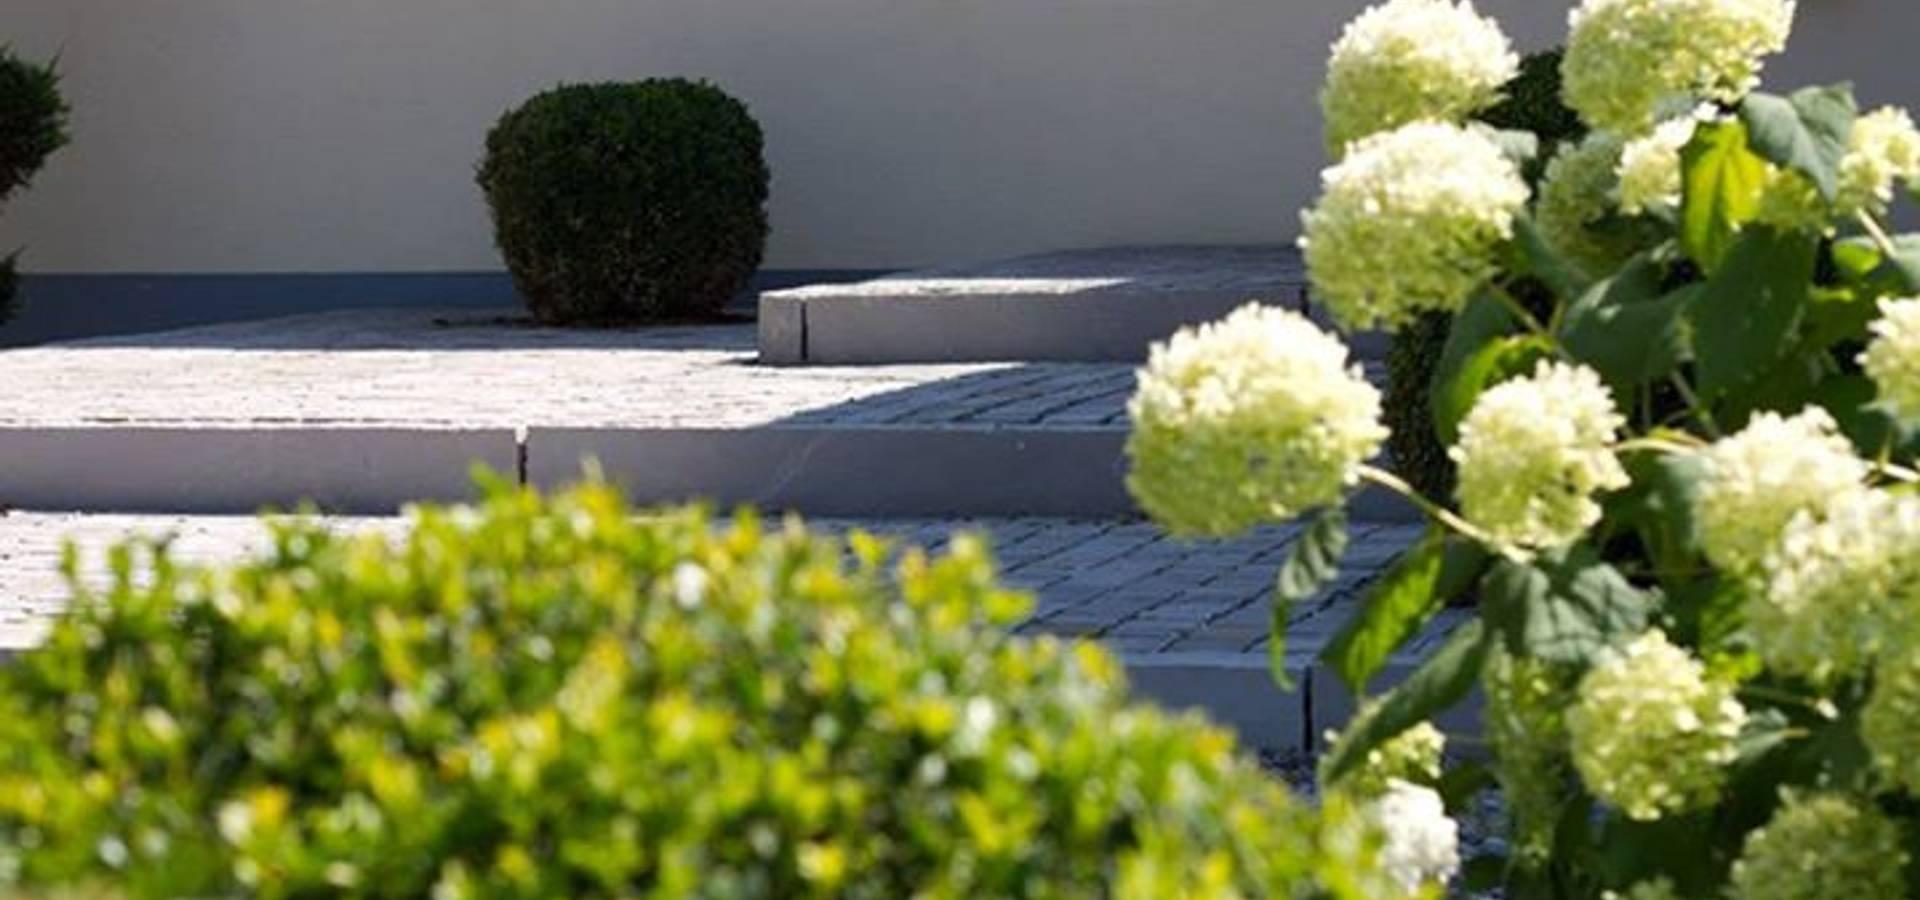 frei[RAUM]vision zeitgemäße Gartengestaltung am Bodensee